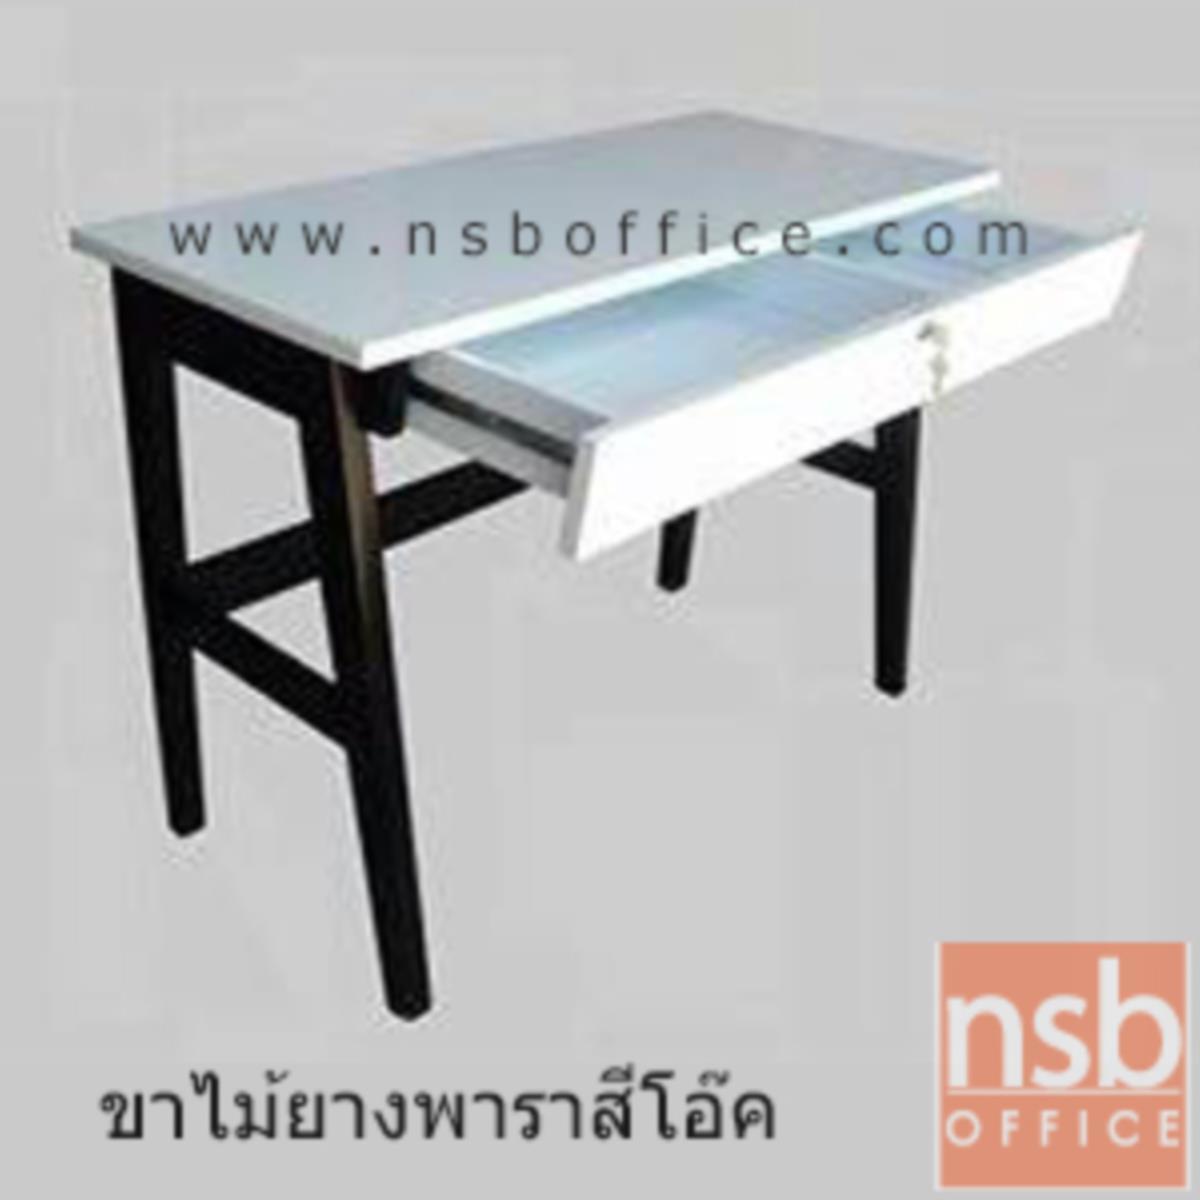 A12A054:โต๊ะทำงานโล่งไฮกรอส 1 ลิ้นชัก  ขนาด 100W cm. ขาไม้ยางพารา